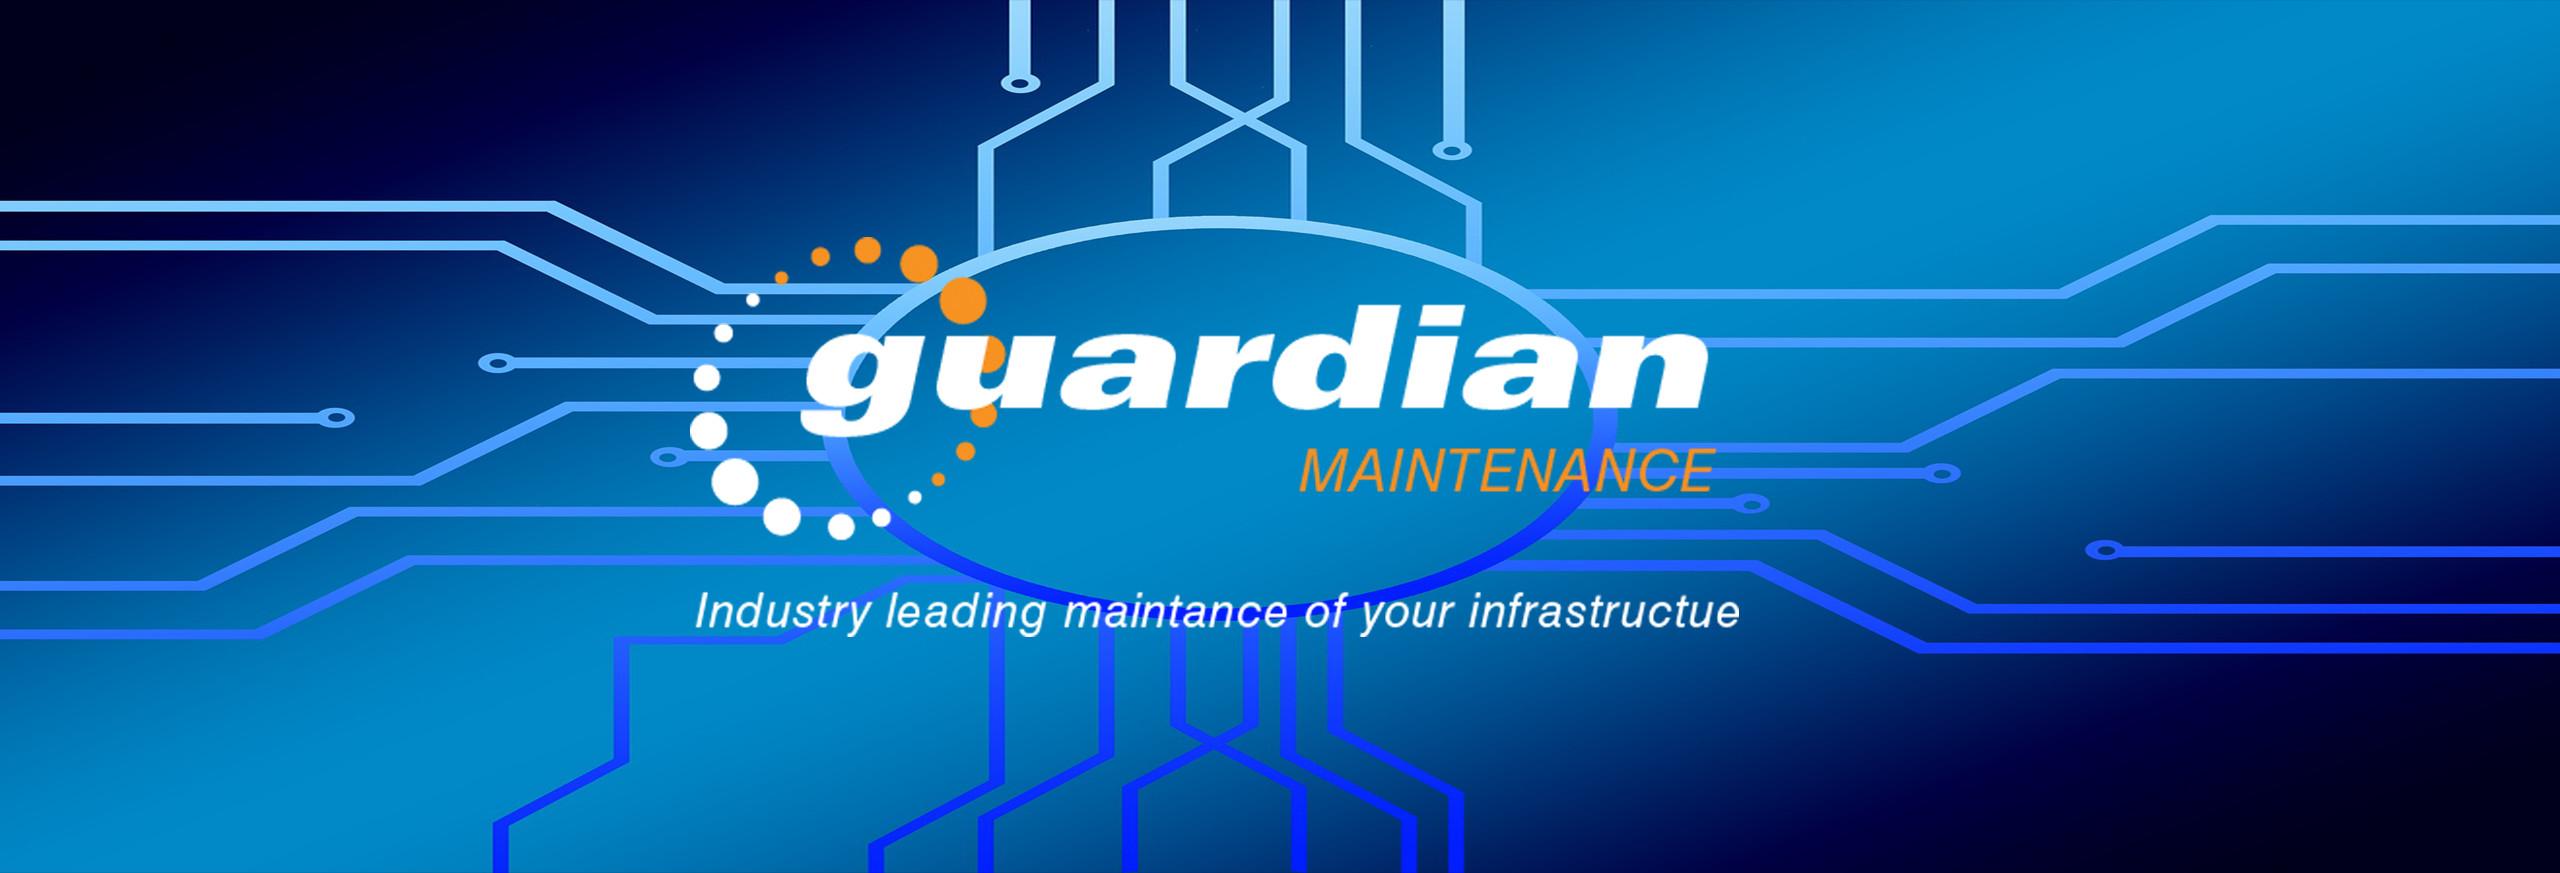 Guardian_Maintenance_Banner_JPG